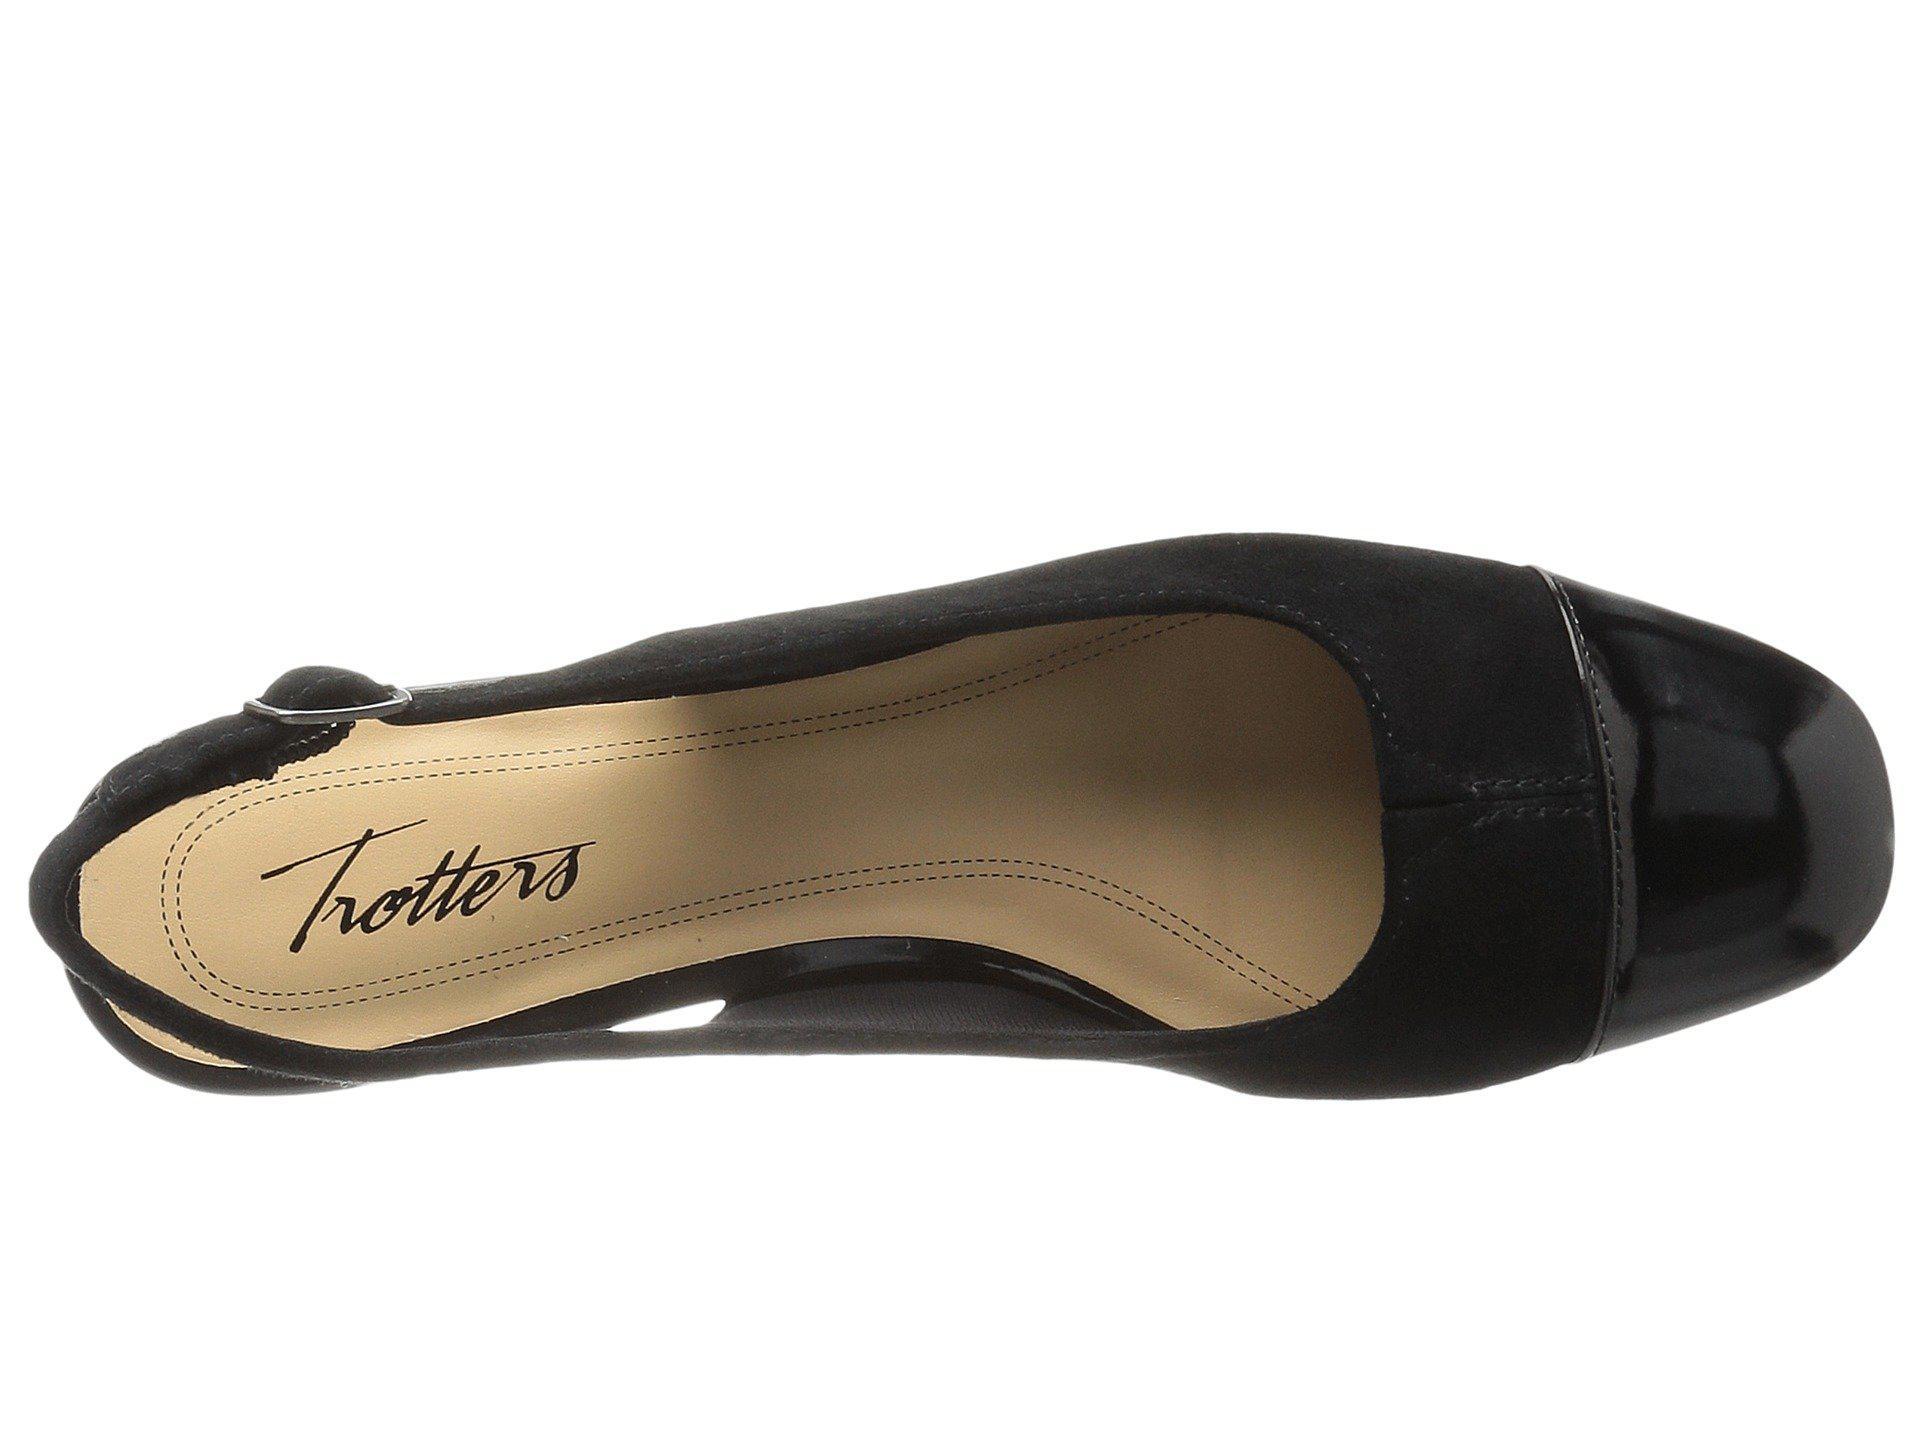 6de36333899 Trotters - Black Dea (nude) Women s 1-2 Inch Heel Shoes - Lyst. View  fullscreen